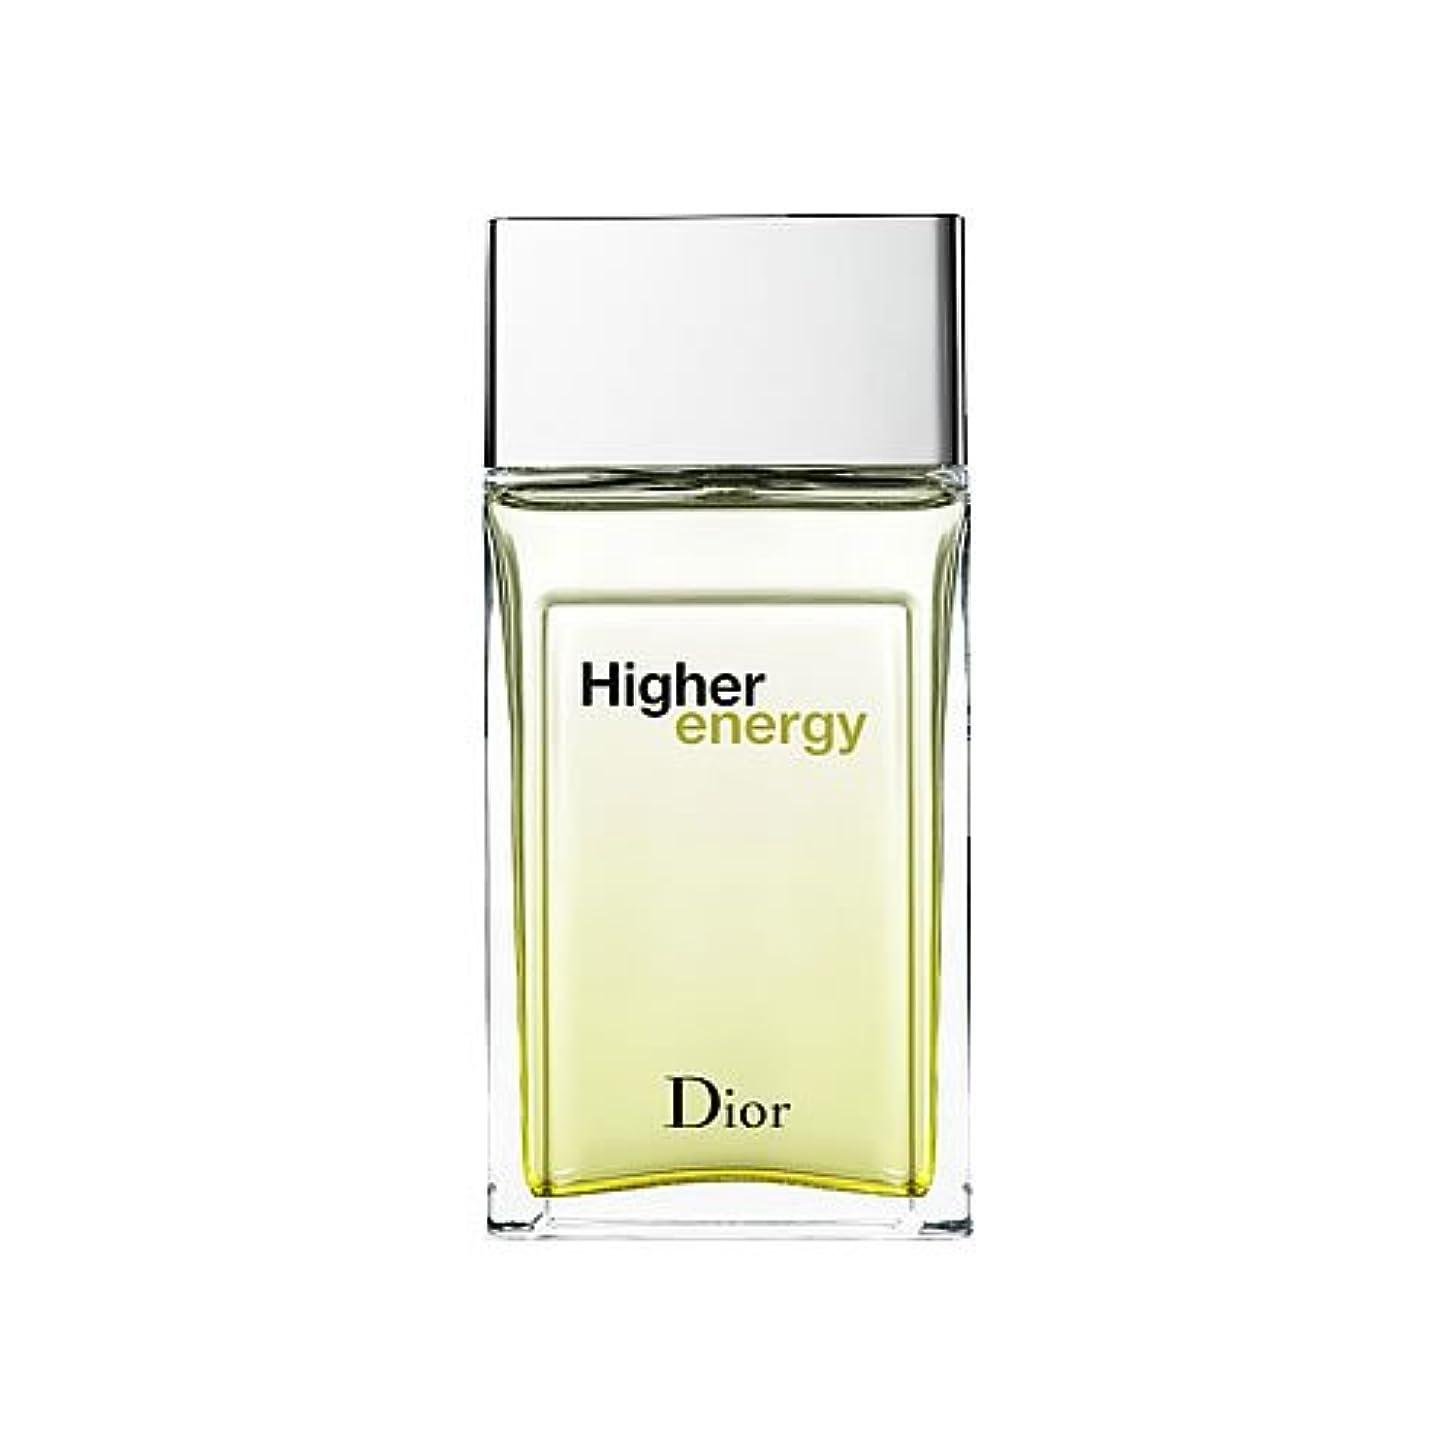 高齢者気候拡張クリスチャン ディオール(Christian Dior) ハイヤー エナジー EDT 100ml[並行輸入品]